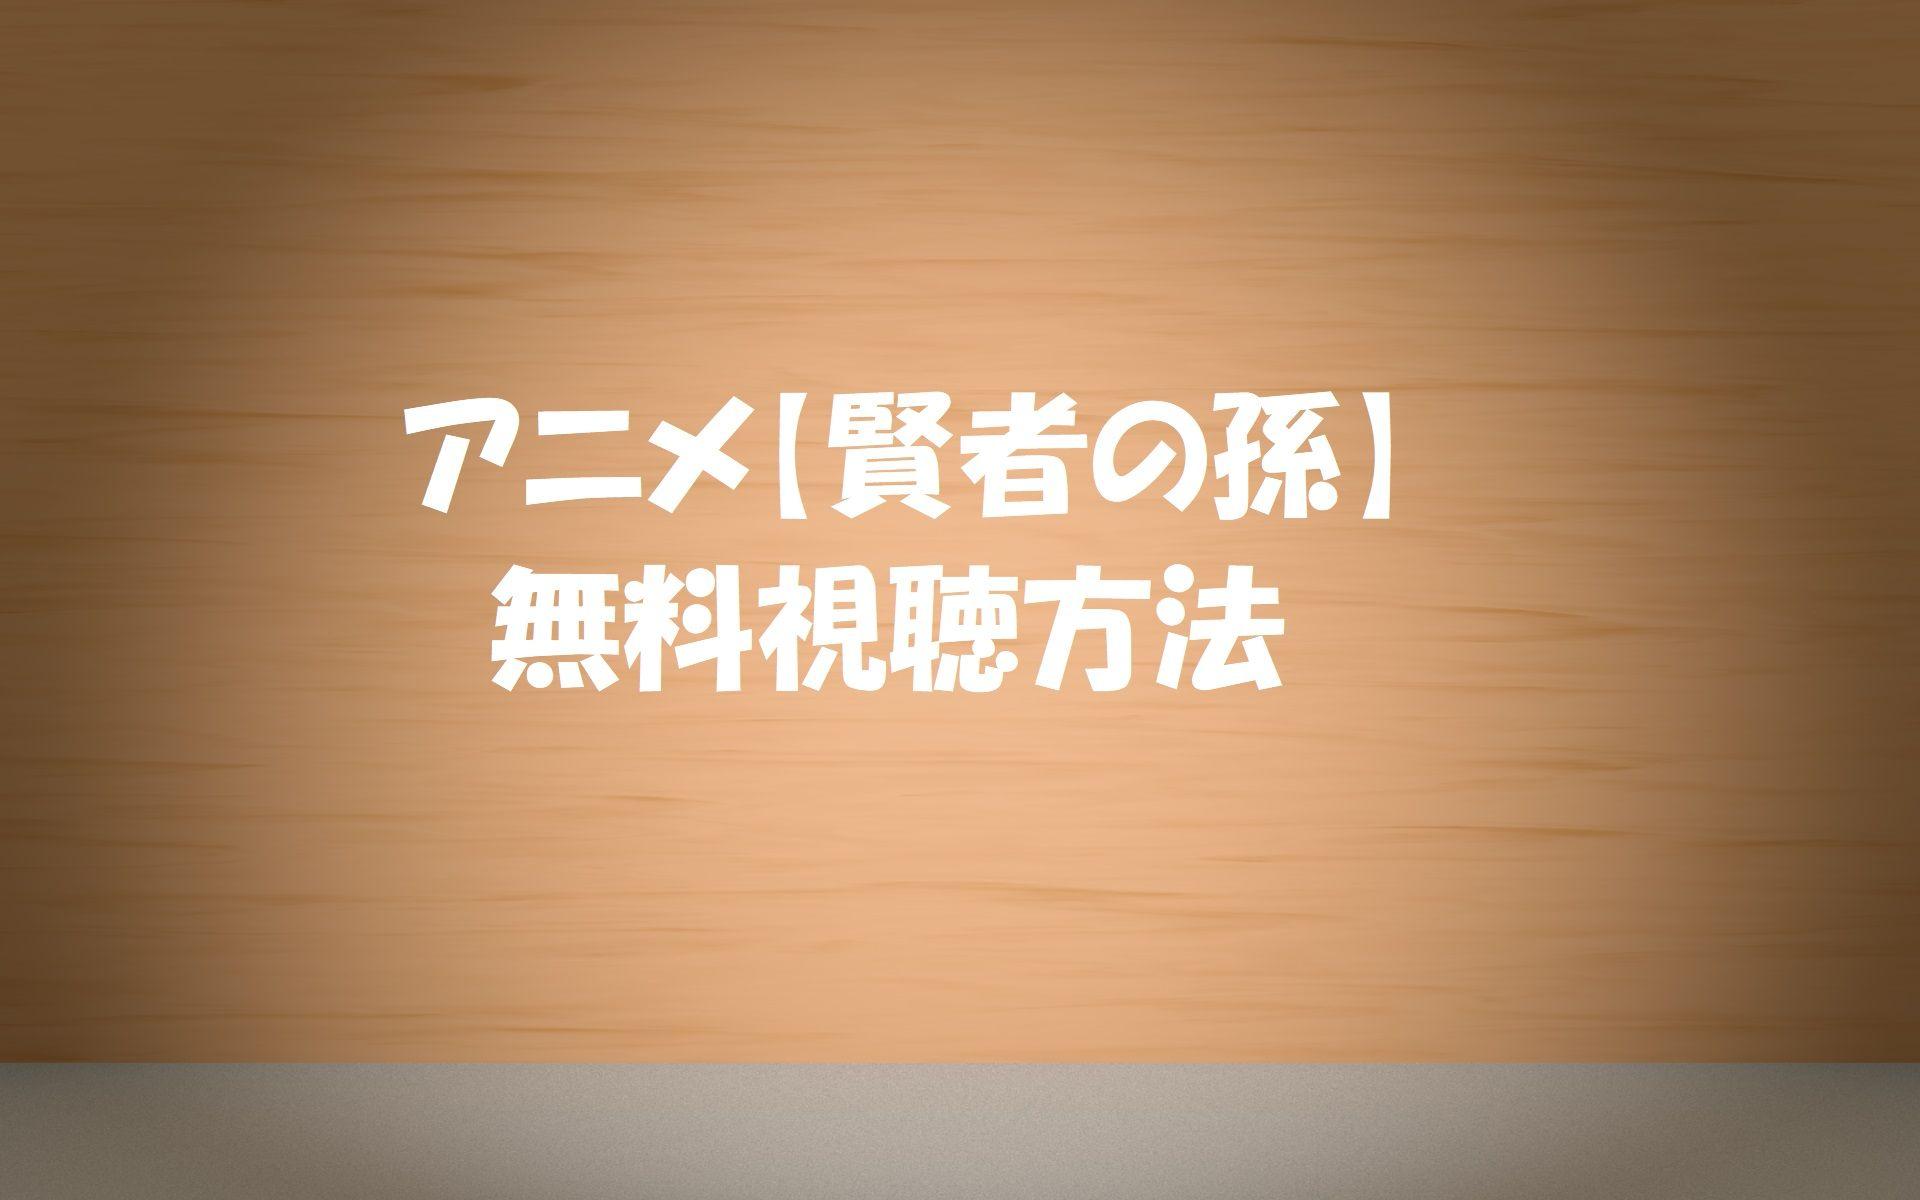 ぎぼ むす 正月 スペシャル ネタバレ